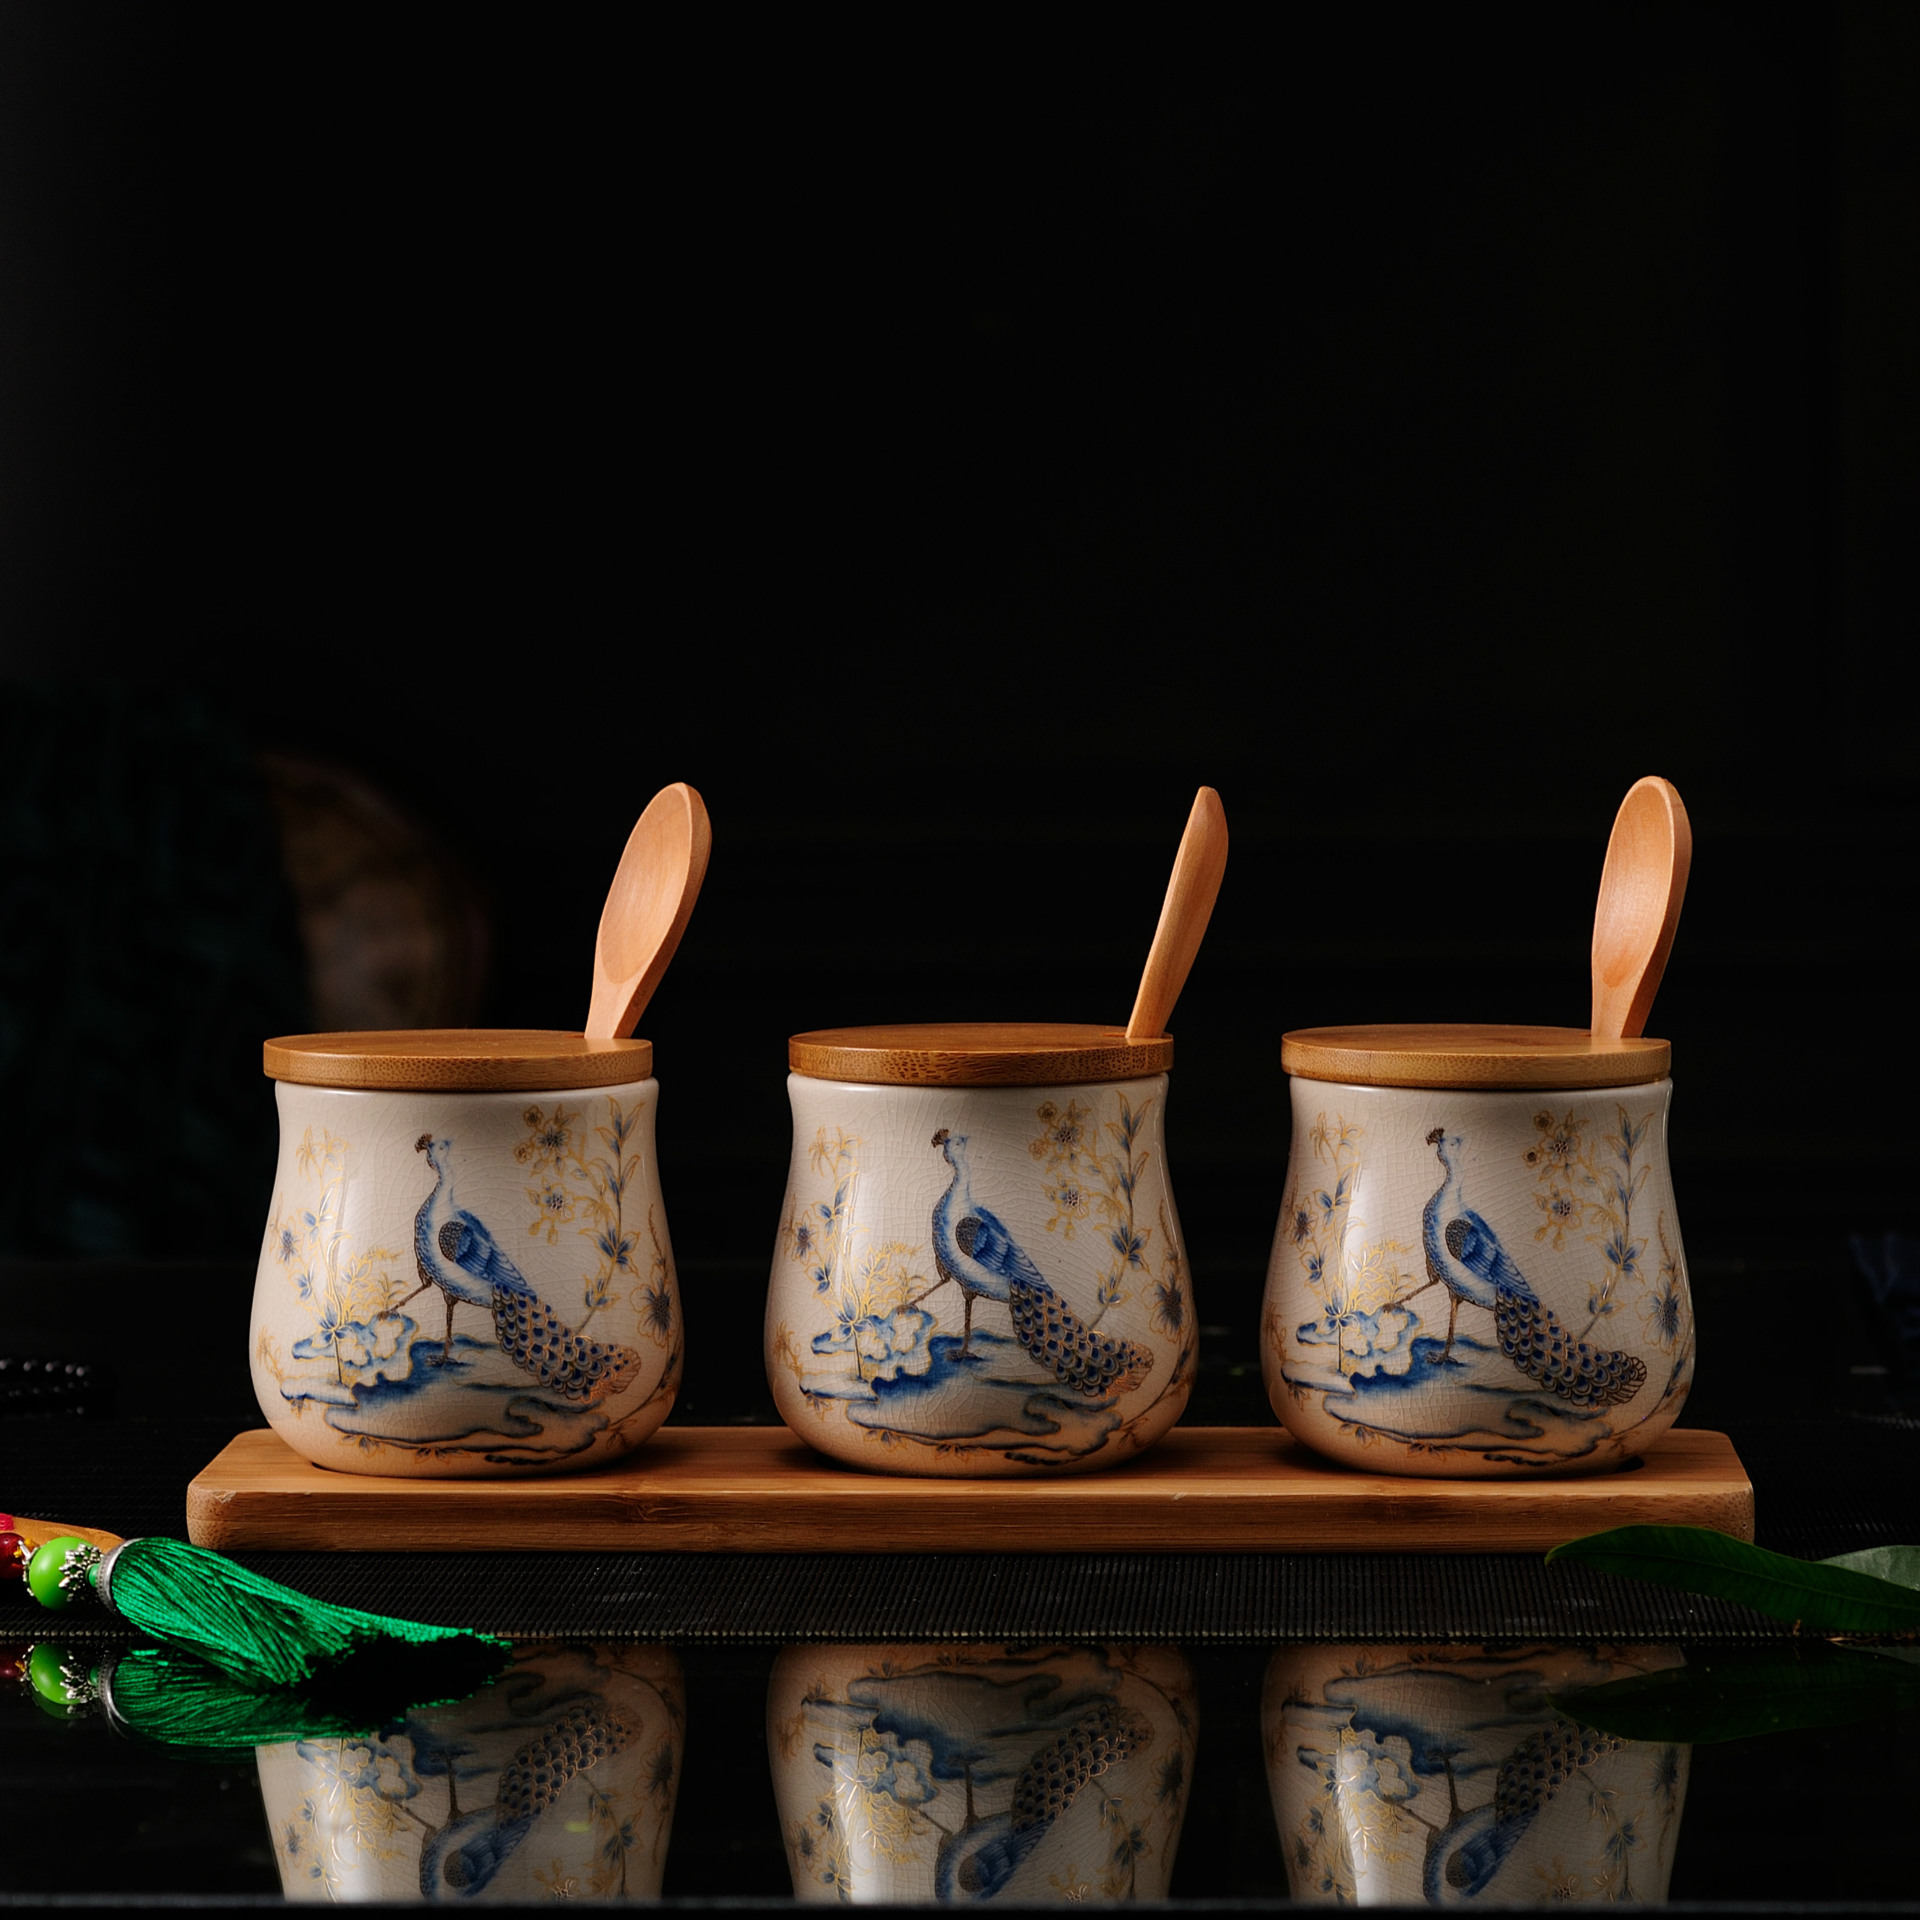 Cuisine créative en céramique assaisonnement Pot avec couverture en bambou cuisine Condiment boîte Scrylic épices boîte de rangement assaisonnement boîtes 3 pièce